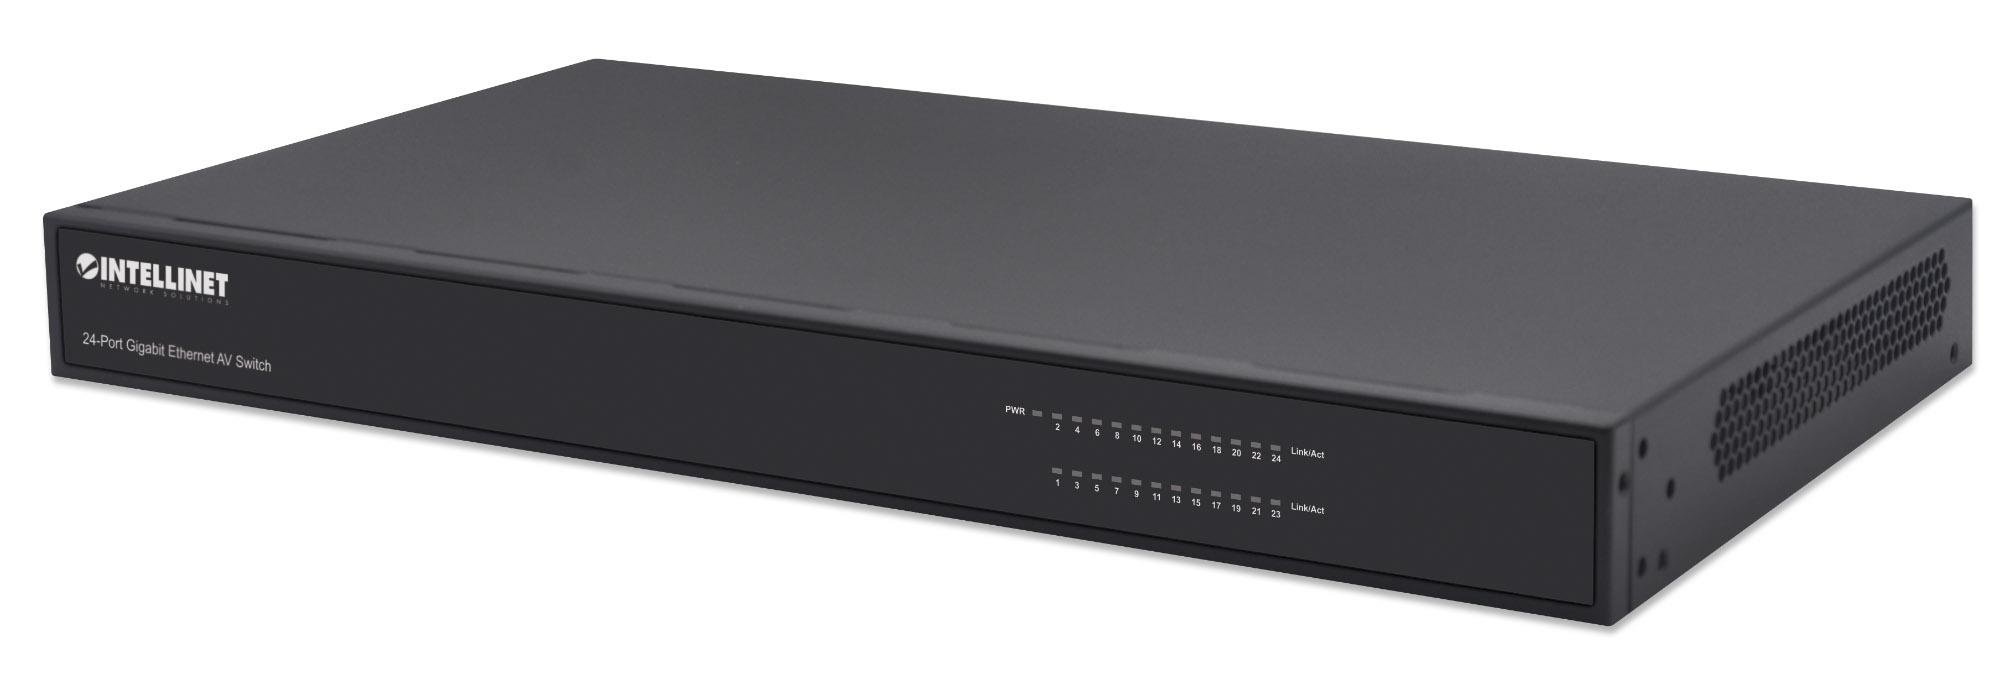 24-Port Gigabit Ethernet AV Switch